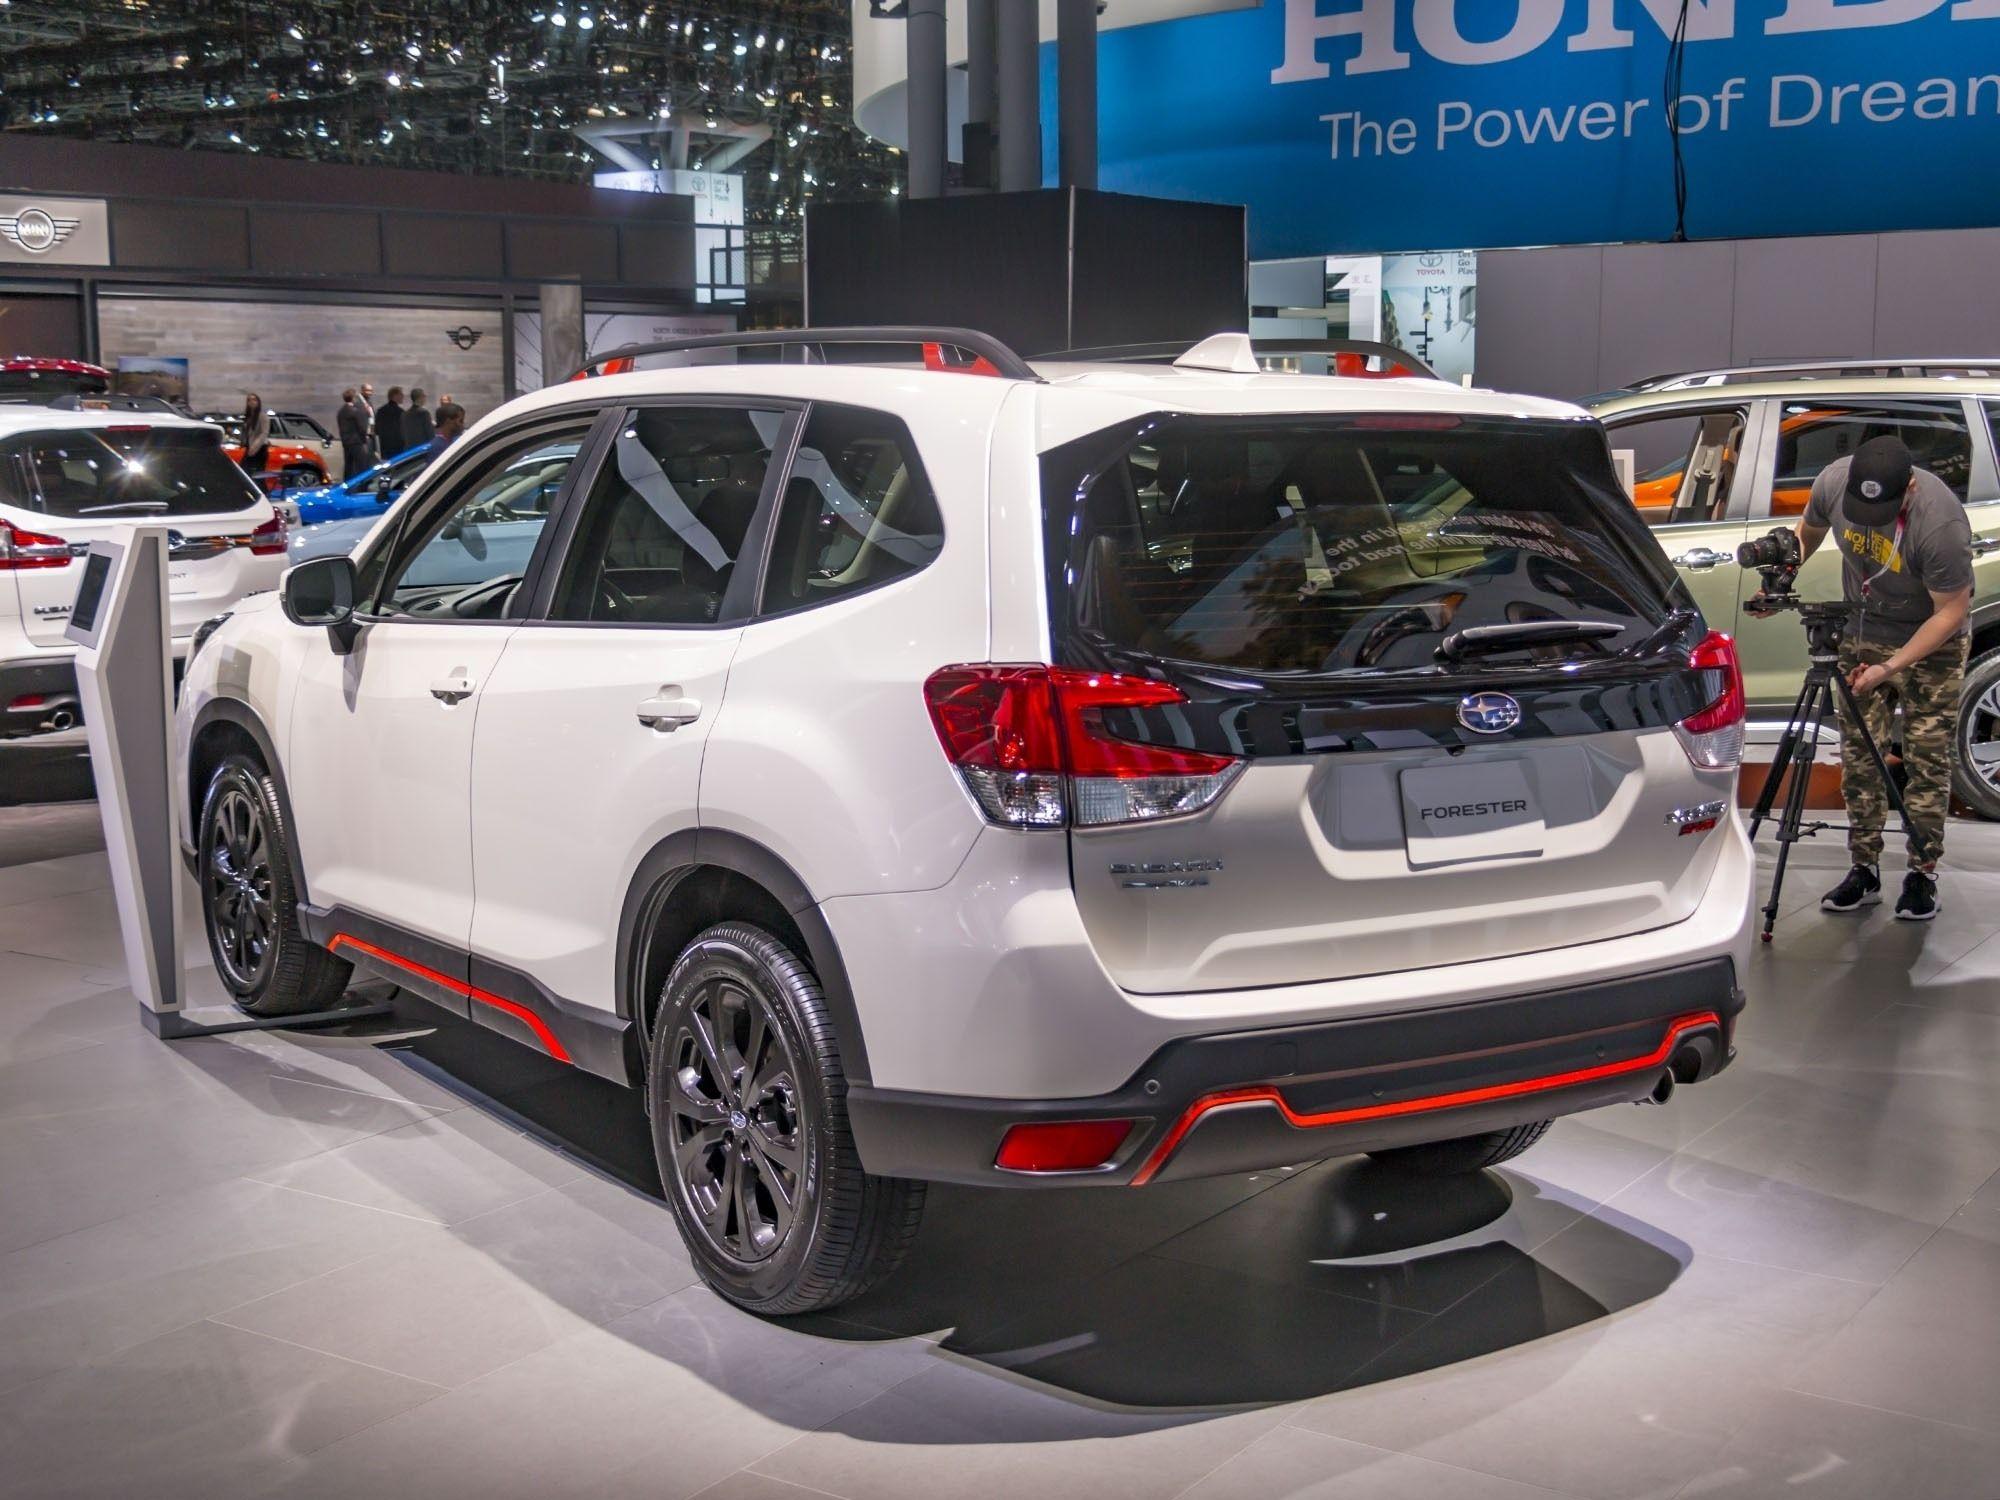 2019 Subaru Xt Premium Spy Shoot Review Car 2018 Subaru Subaru